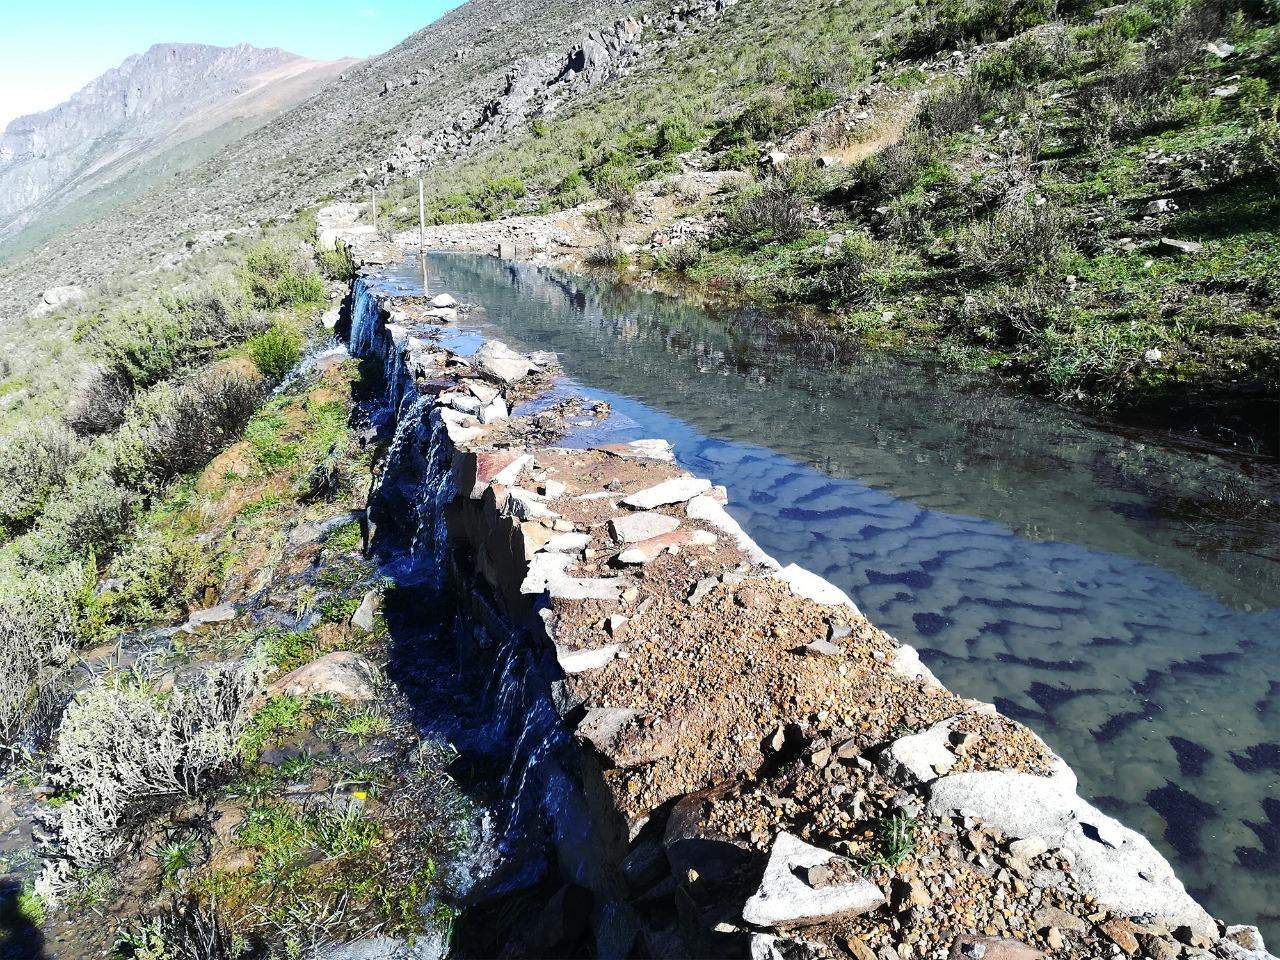 Más agua para San Pedro de Casta y Lima: Nuevo proyecto de recuperación de más de 4 kilómetros de AMUNAS